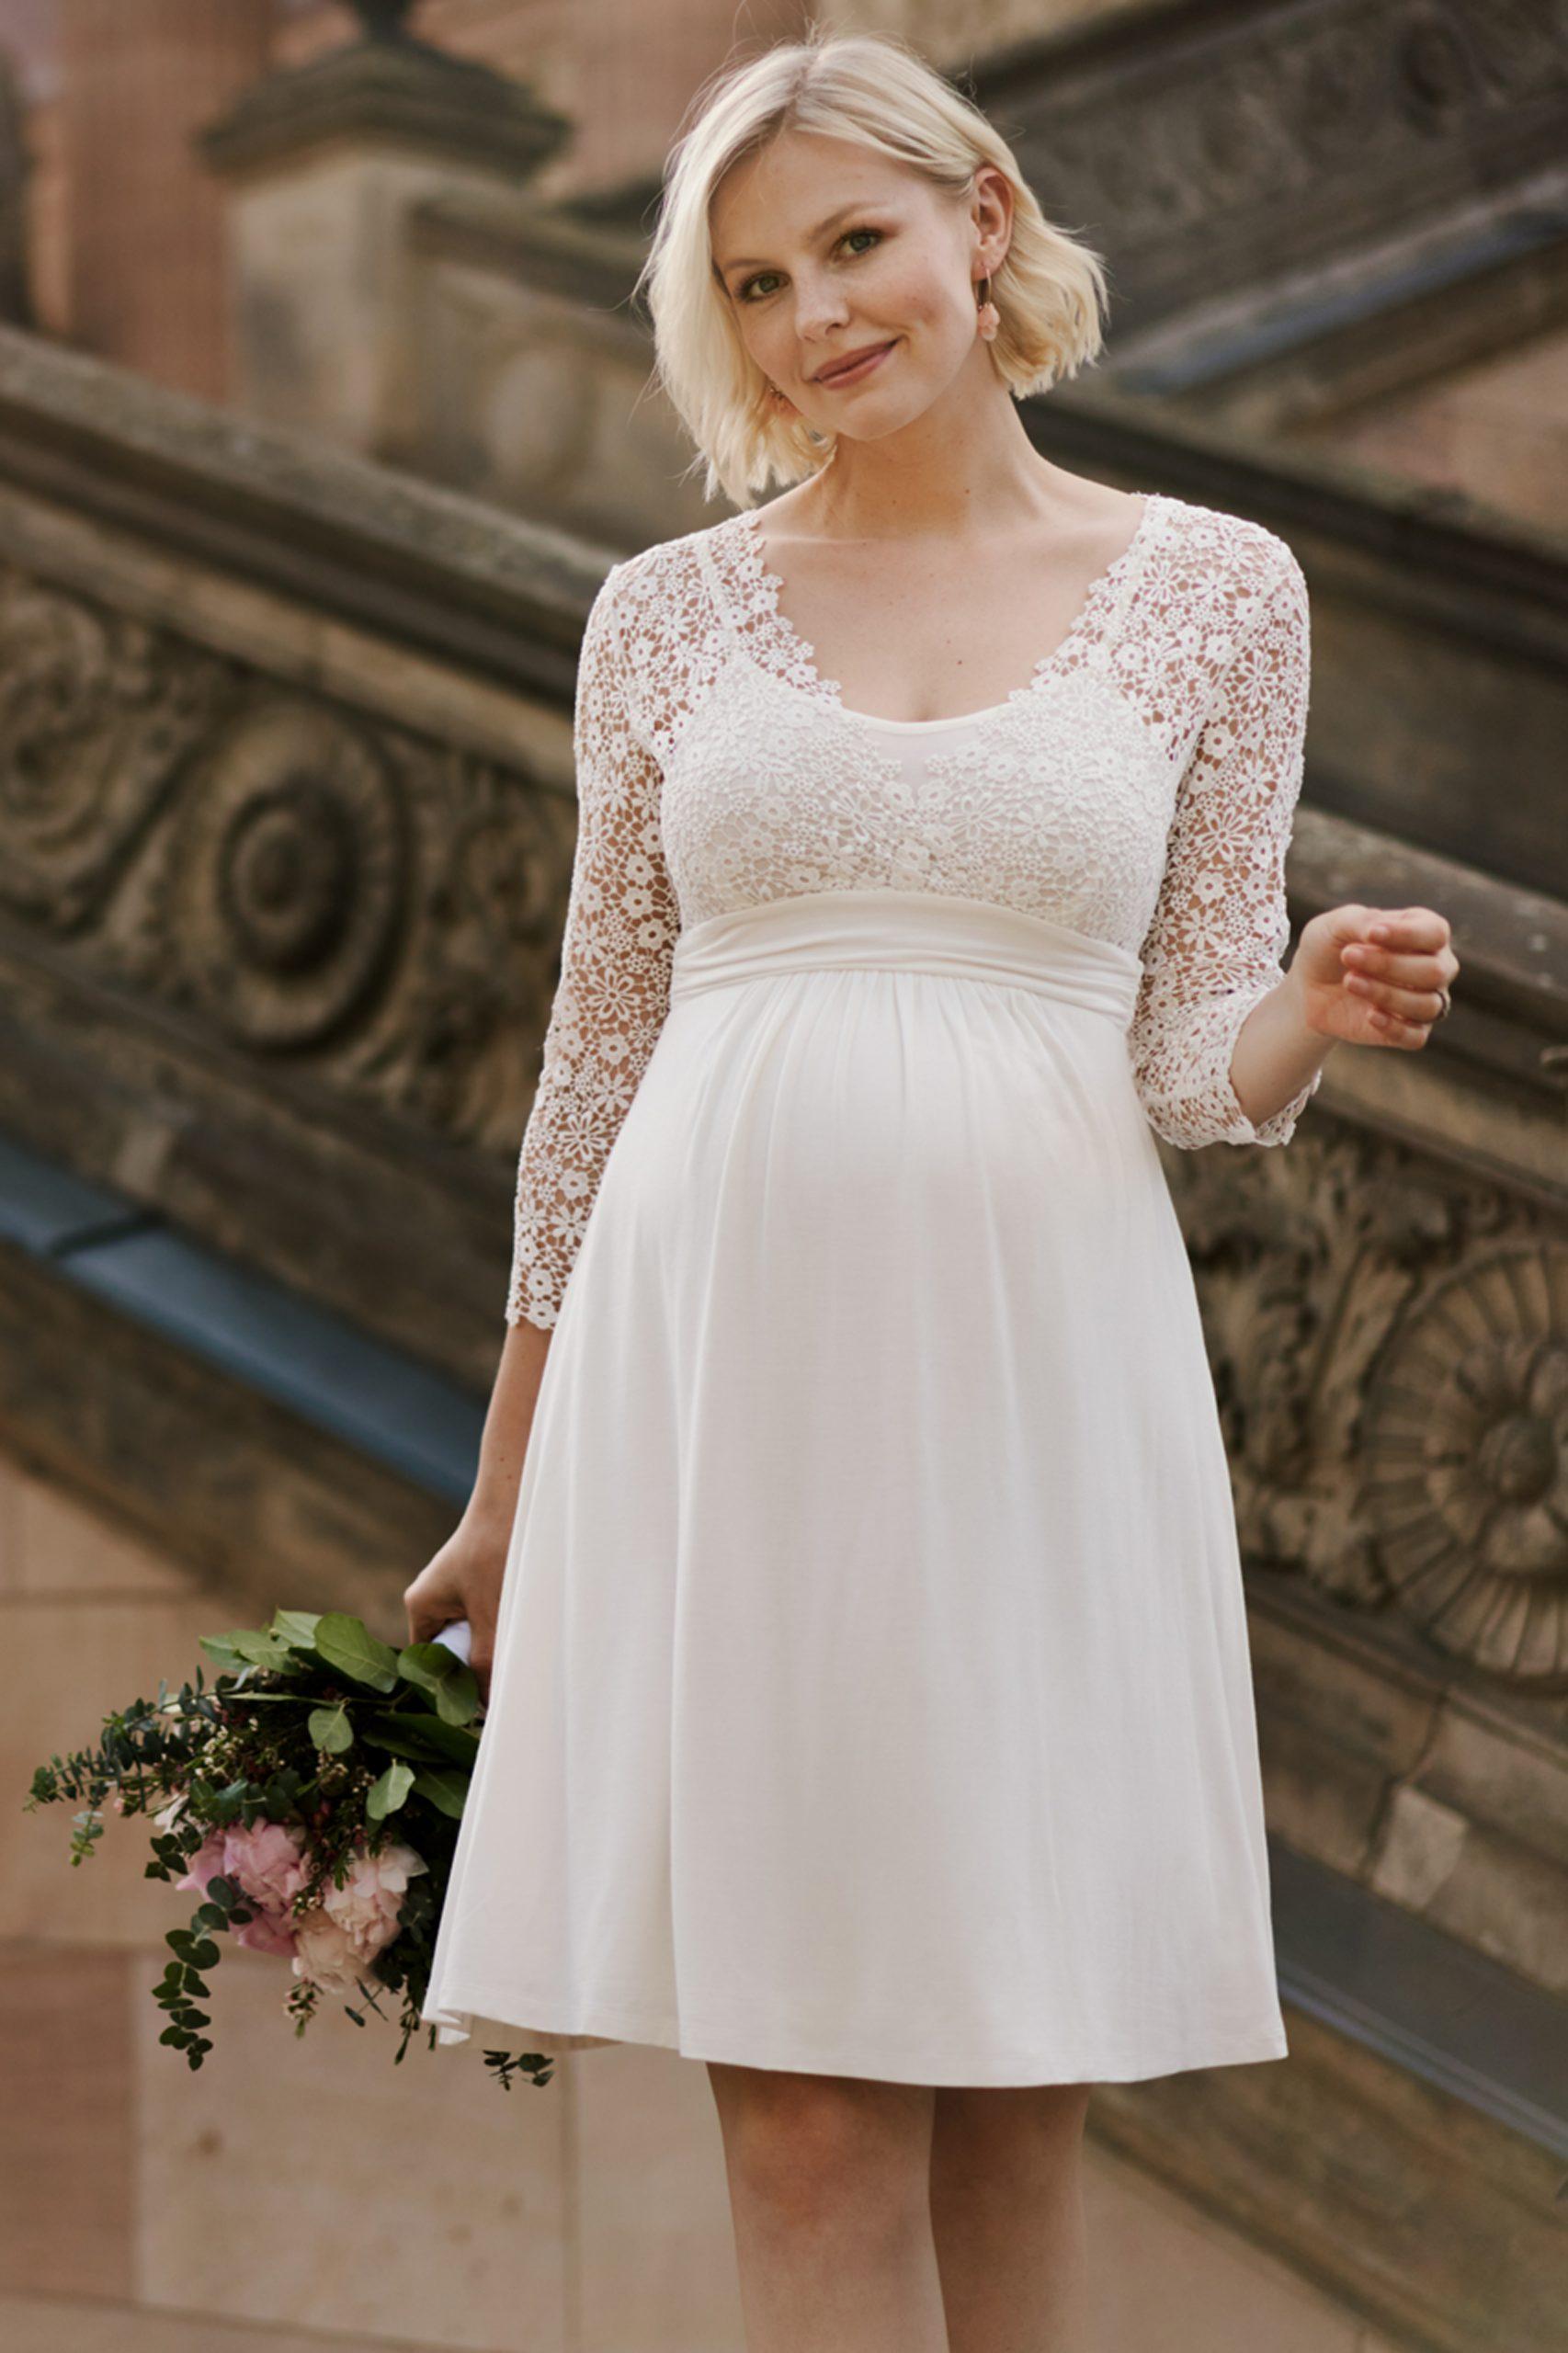 Stillkleider Für Die Hochzeit  Retoure Kostenlos  Mamarella